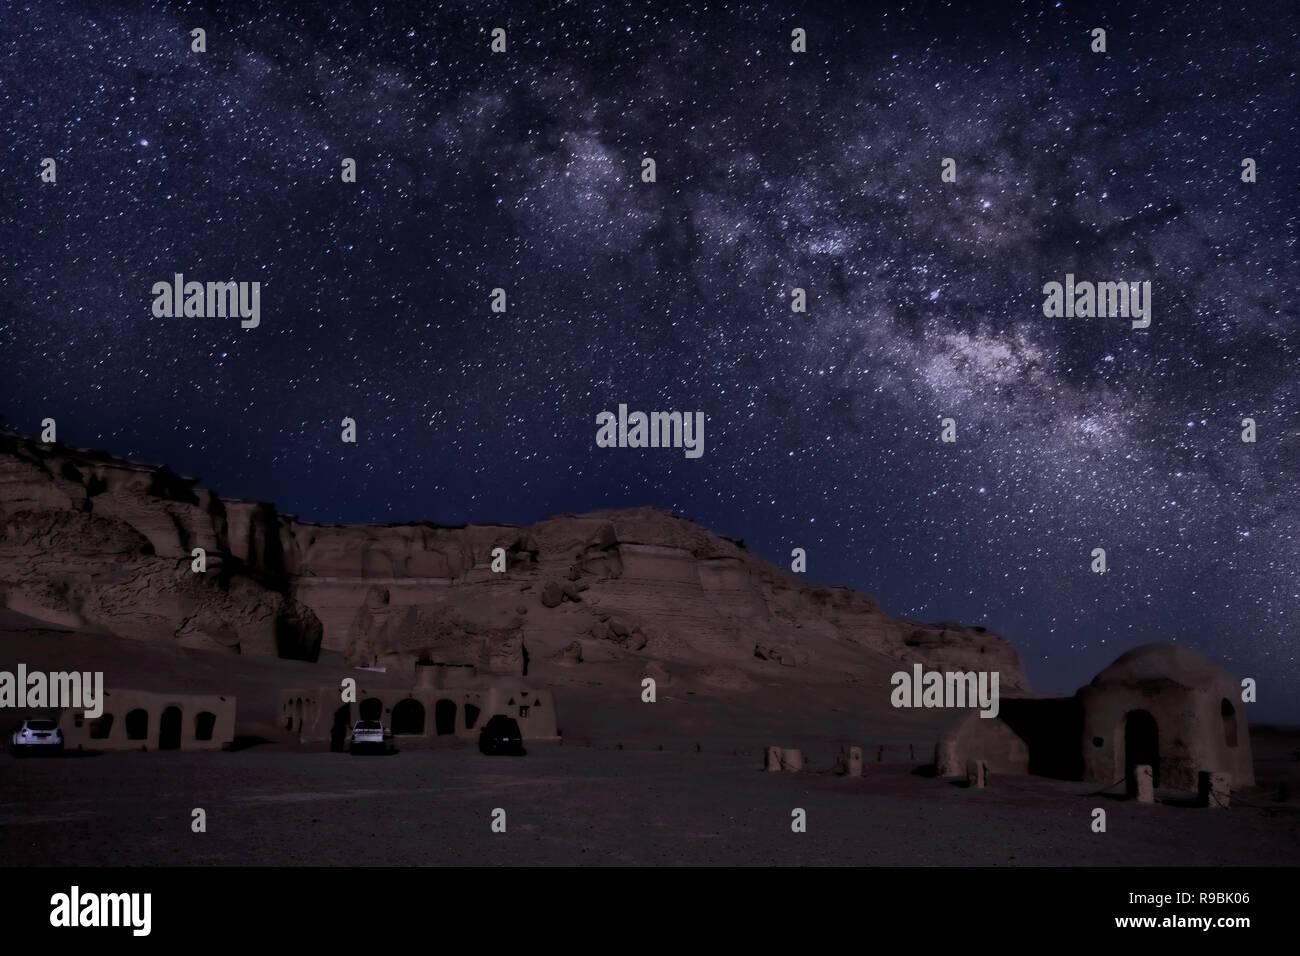 """Noche de astronomía en Wadi El Hitan valle """"ballena"""" de un yacimiento paleontológico en el Faiyum Gobernación de Egipto, a unos 150 km al suroeste de El Cairo Imagen De Stock"""